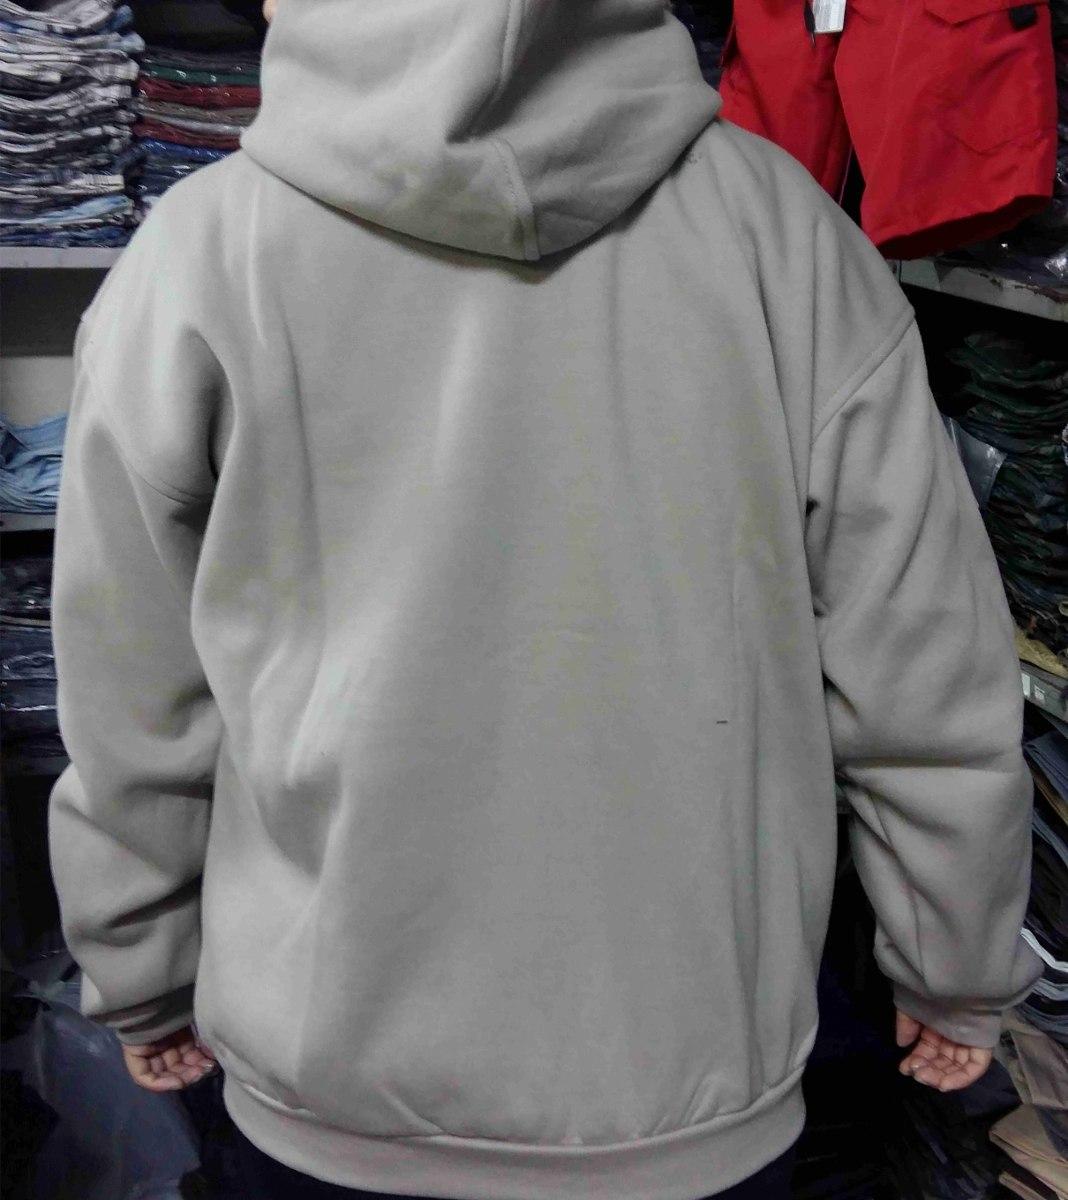 0746d336298c2 blusa de moletom flanelado ziper liso capuz bolso masculino. Carregando  zoom.